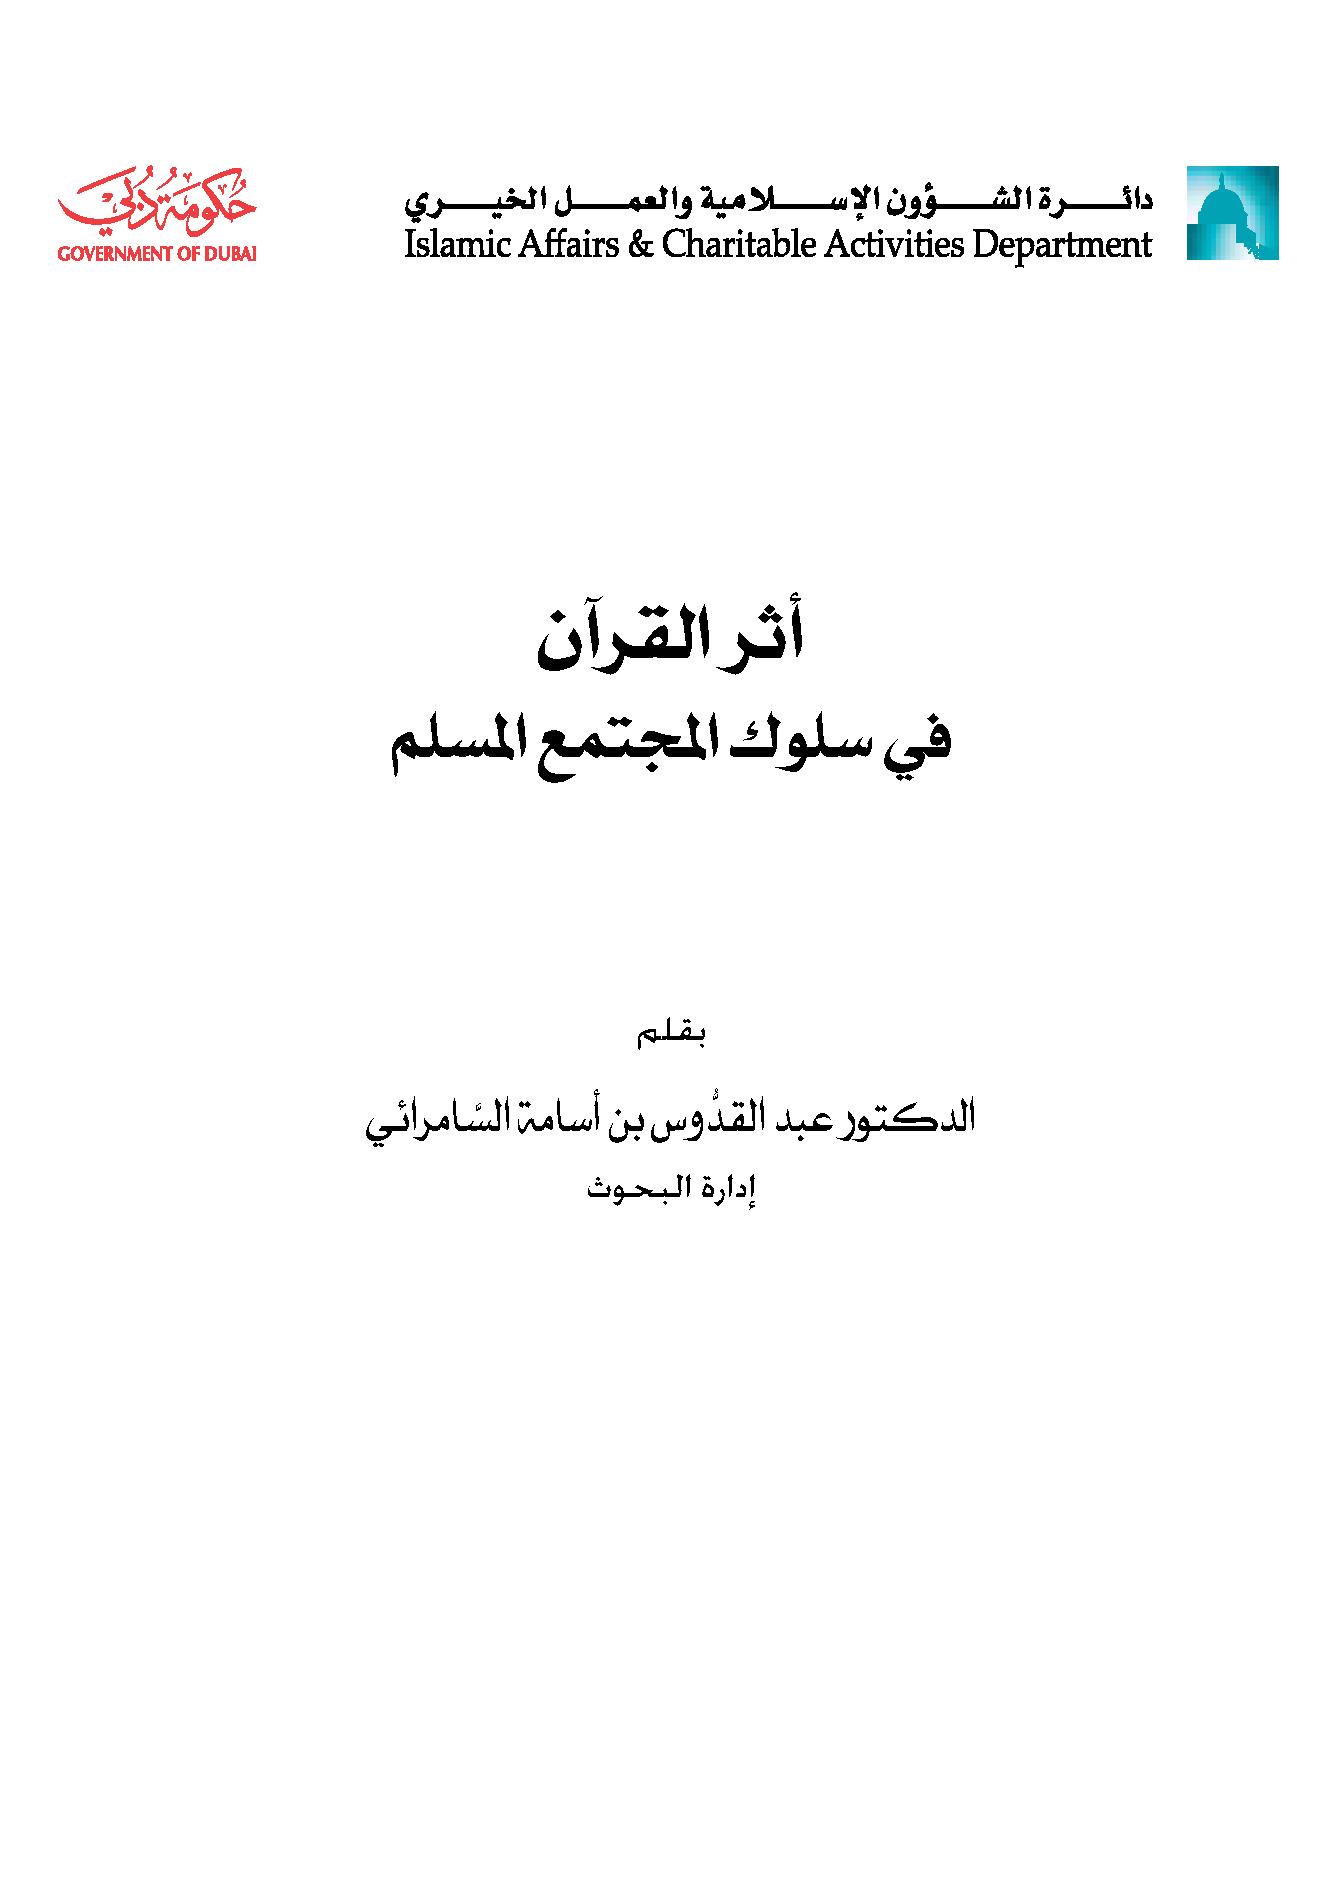 تحميل كتاب أثر القرآن في سلوك المجتمع المسلم لـِ: الدكتور عبد القدوس بن أسامة السامرائي